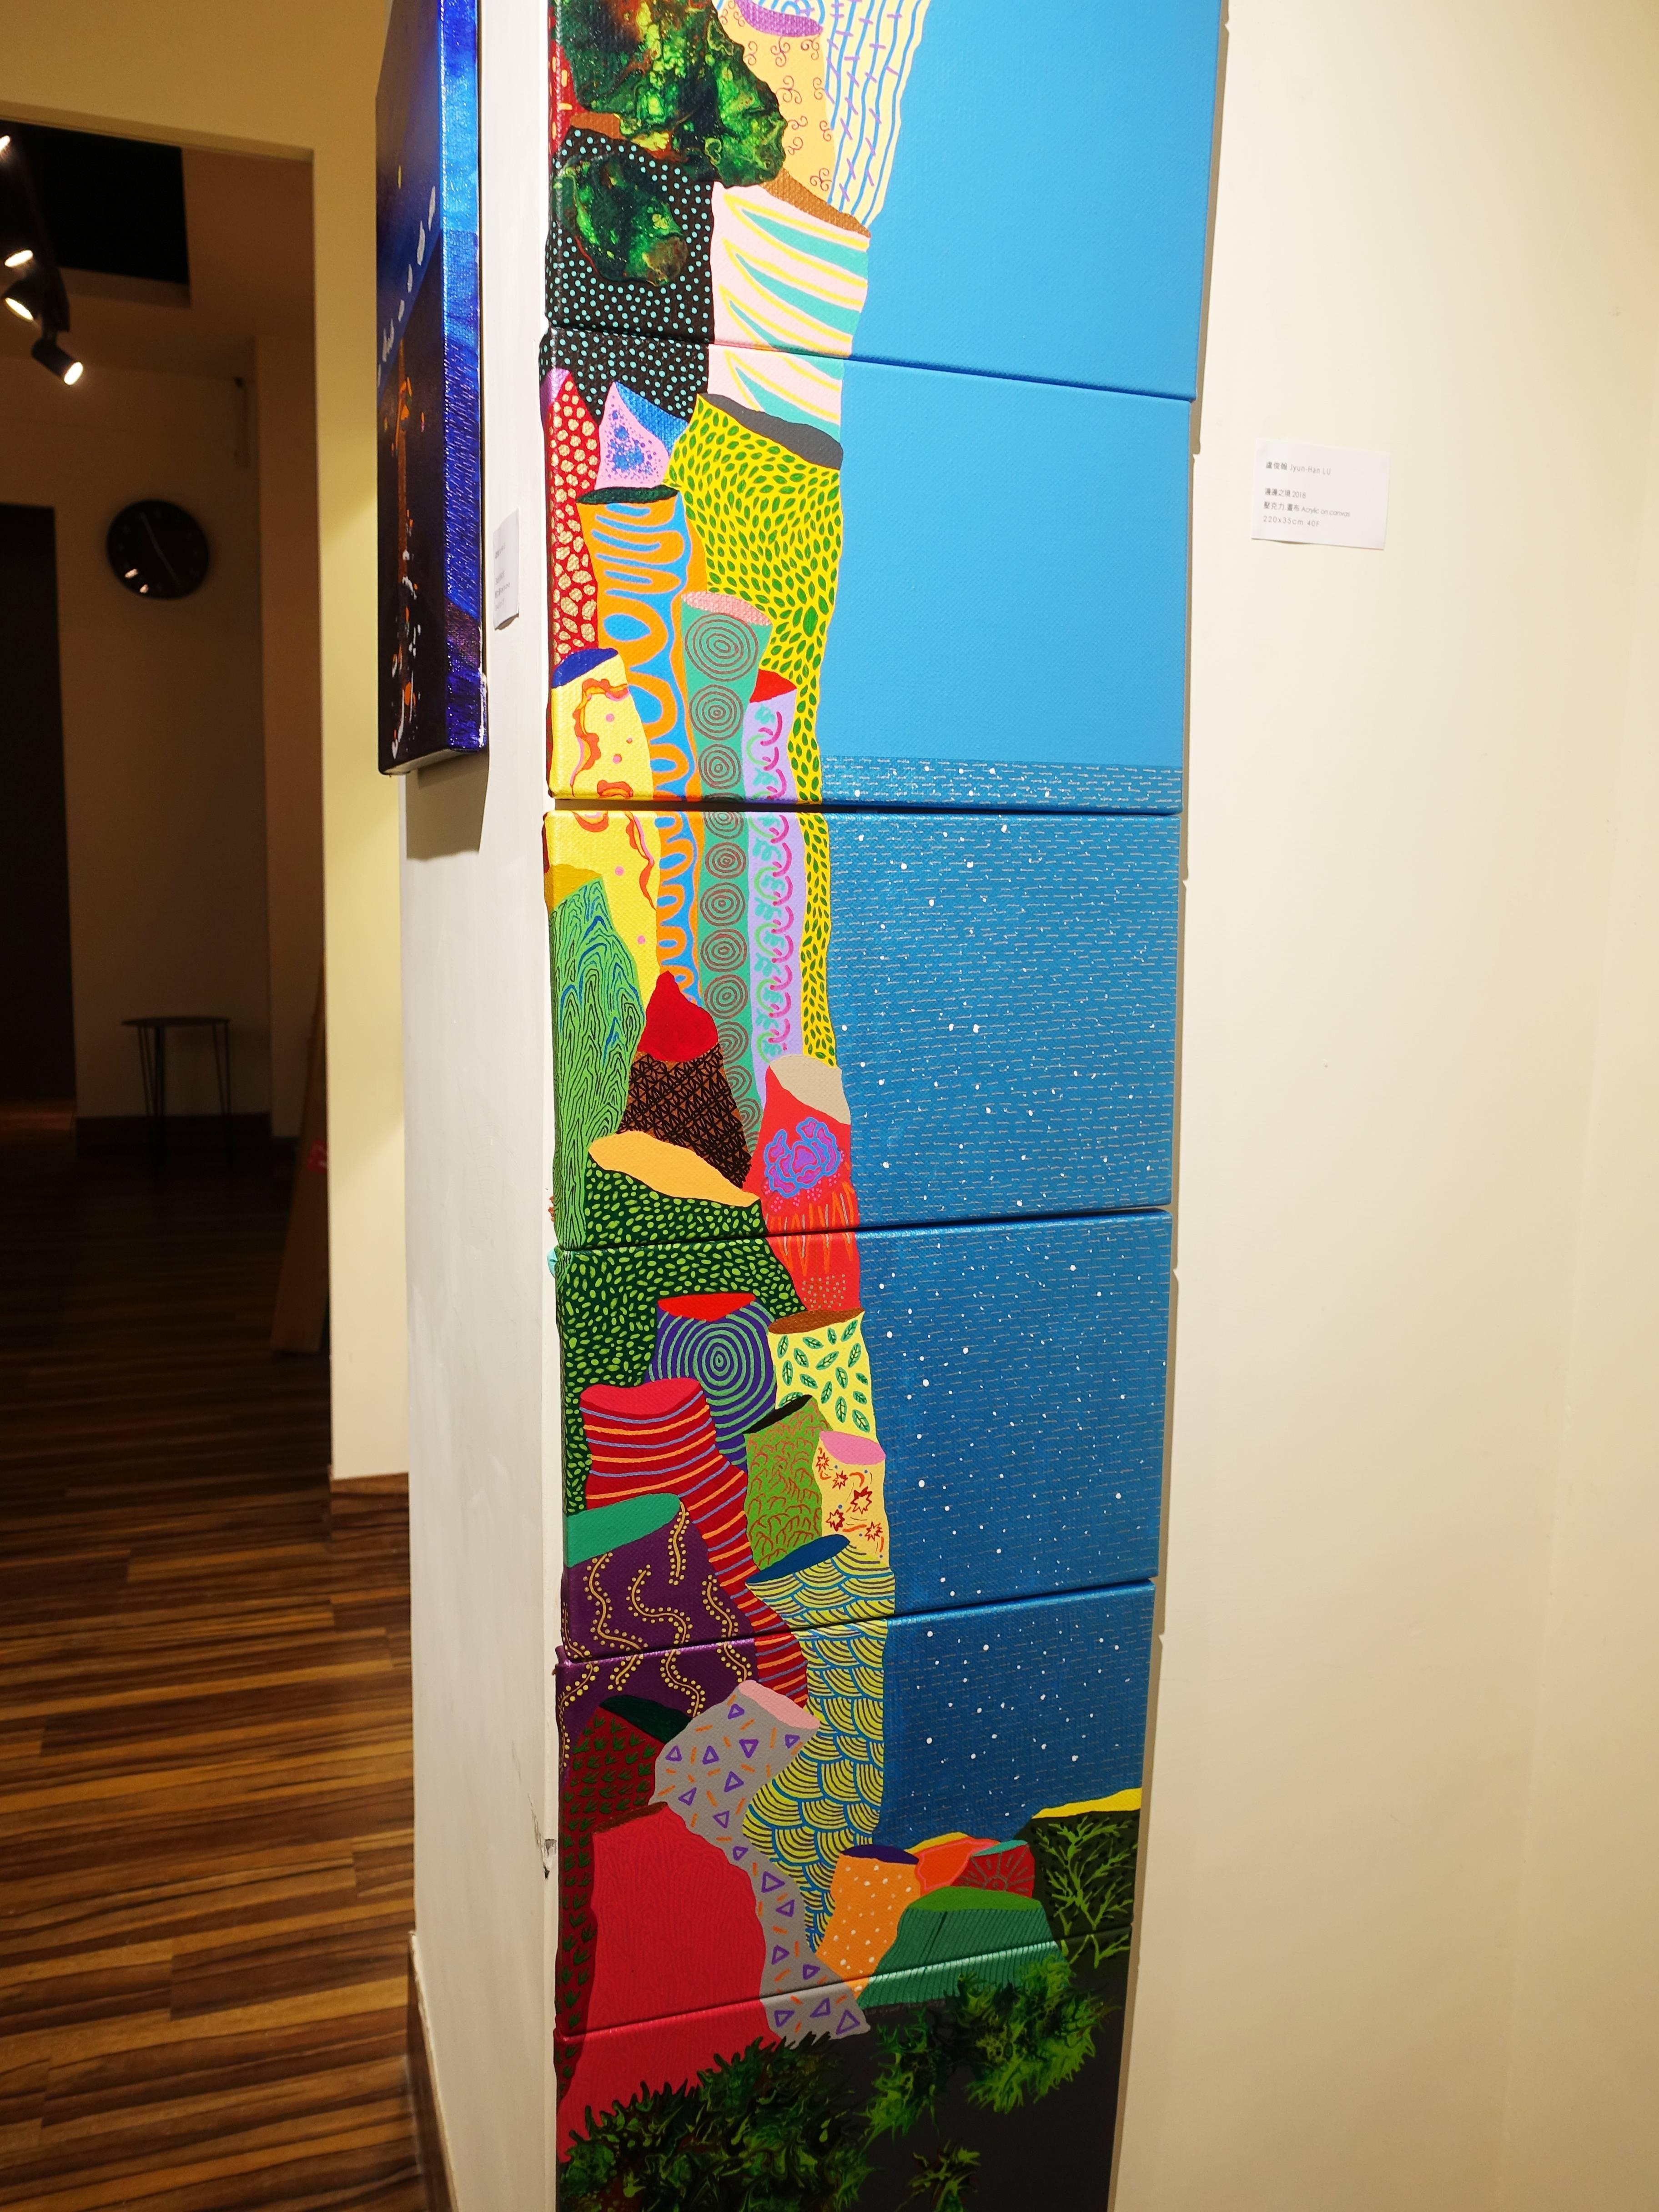 盧俊翰,《邊邊之境》細節,220 x 35 cm,壓克力,2018。